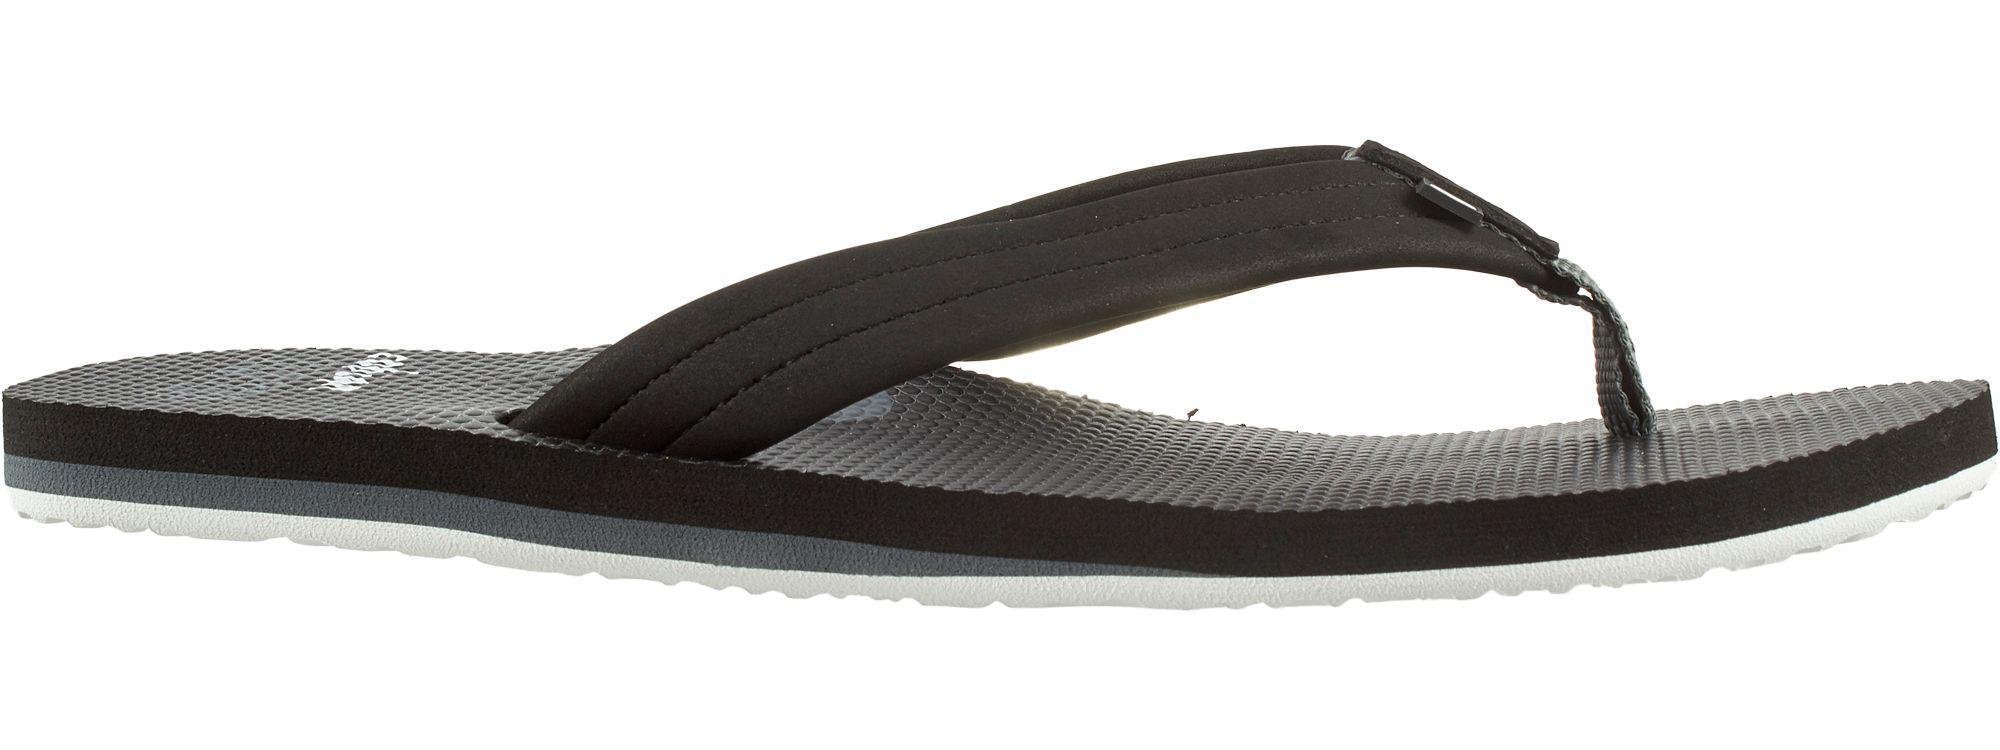 a88f4096e1e9 Lyst cobian aqua jump flip flops in black for men jpg 2000x750 Cobian flip  flops